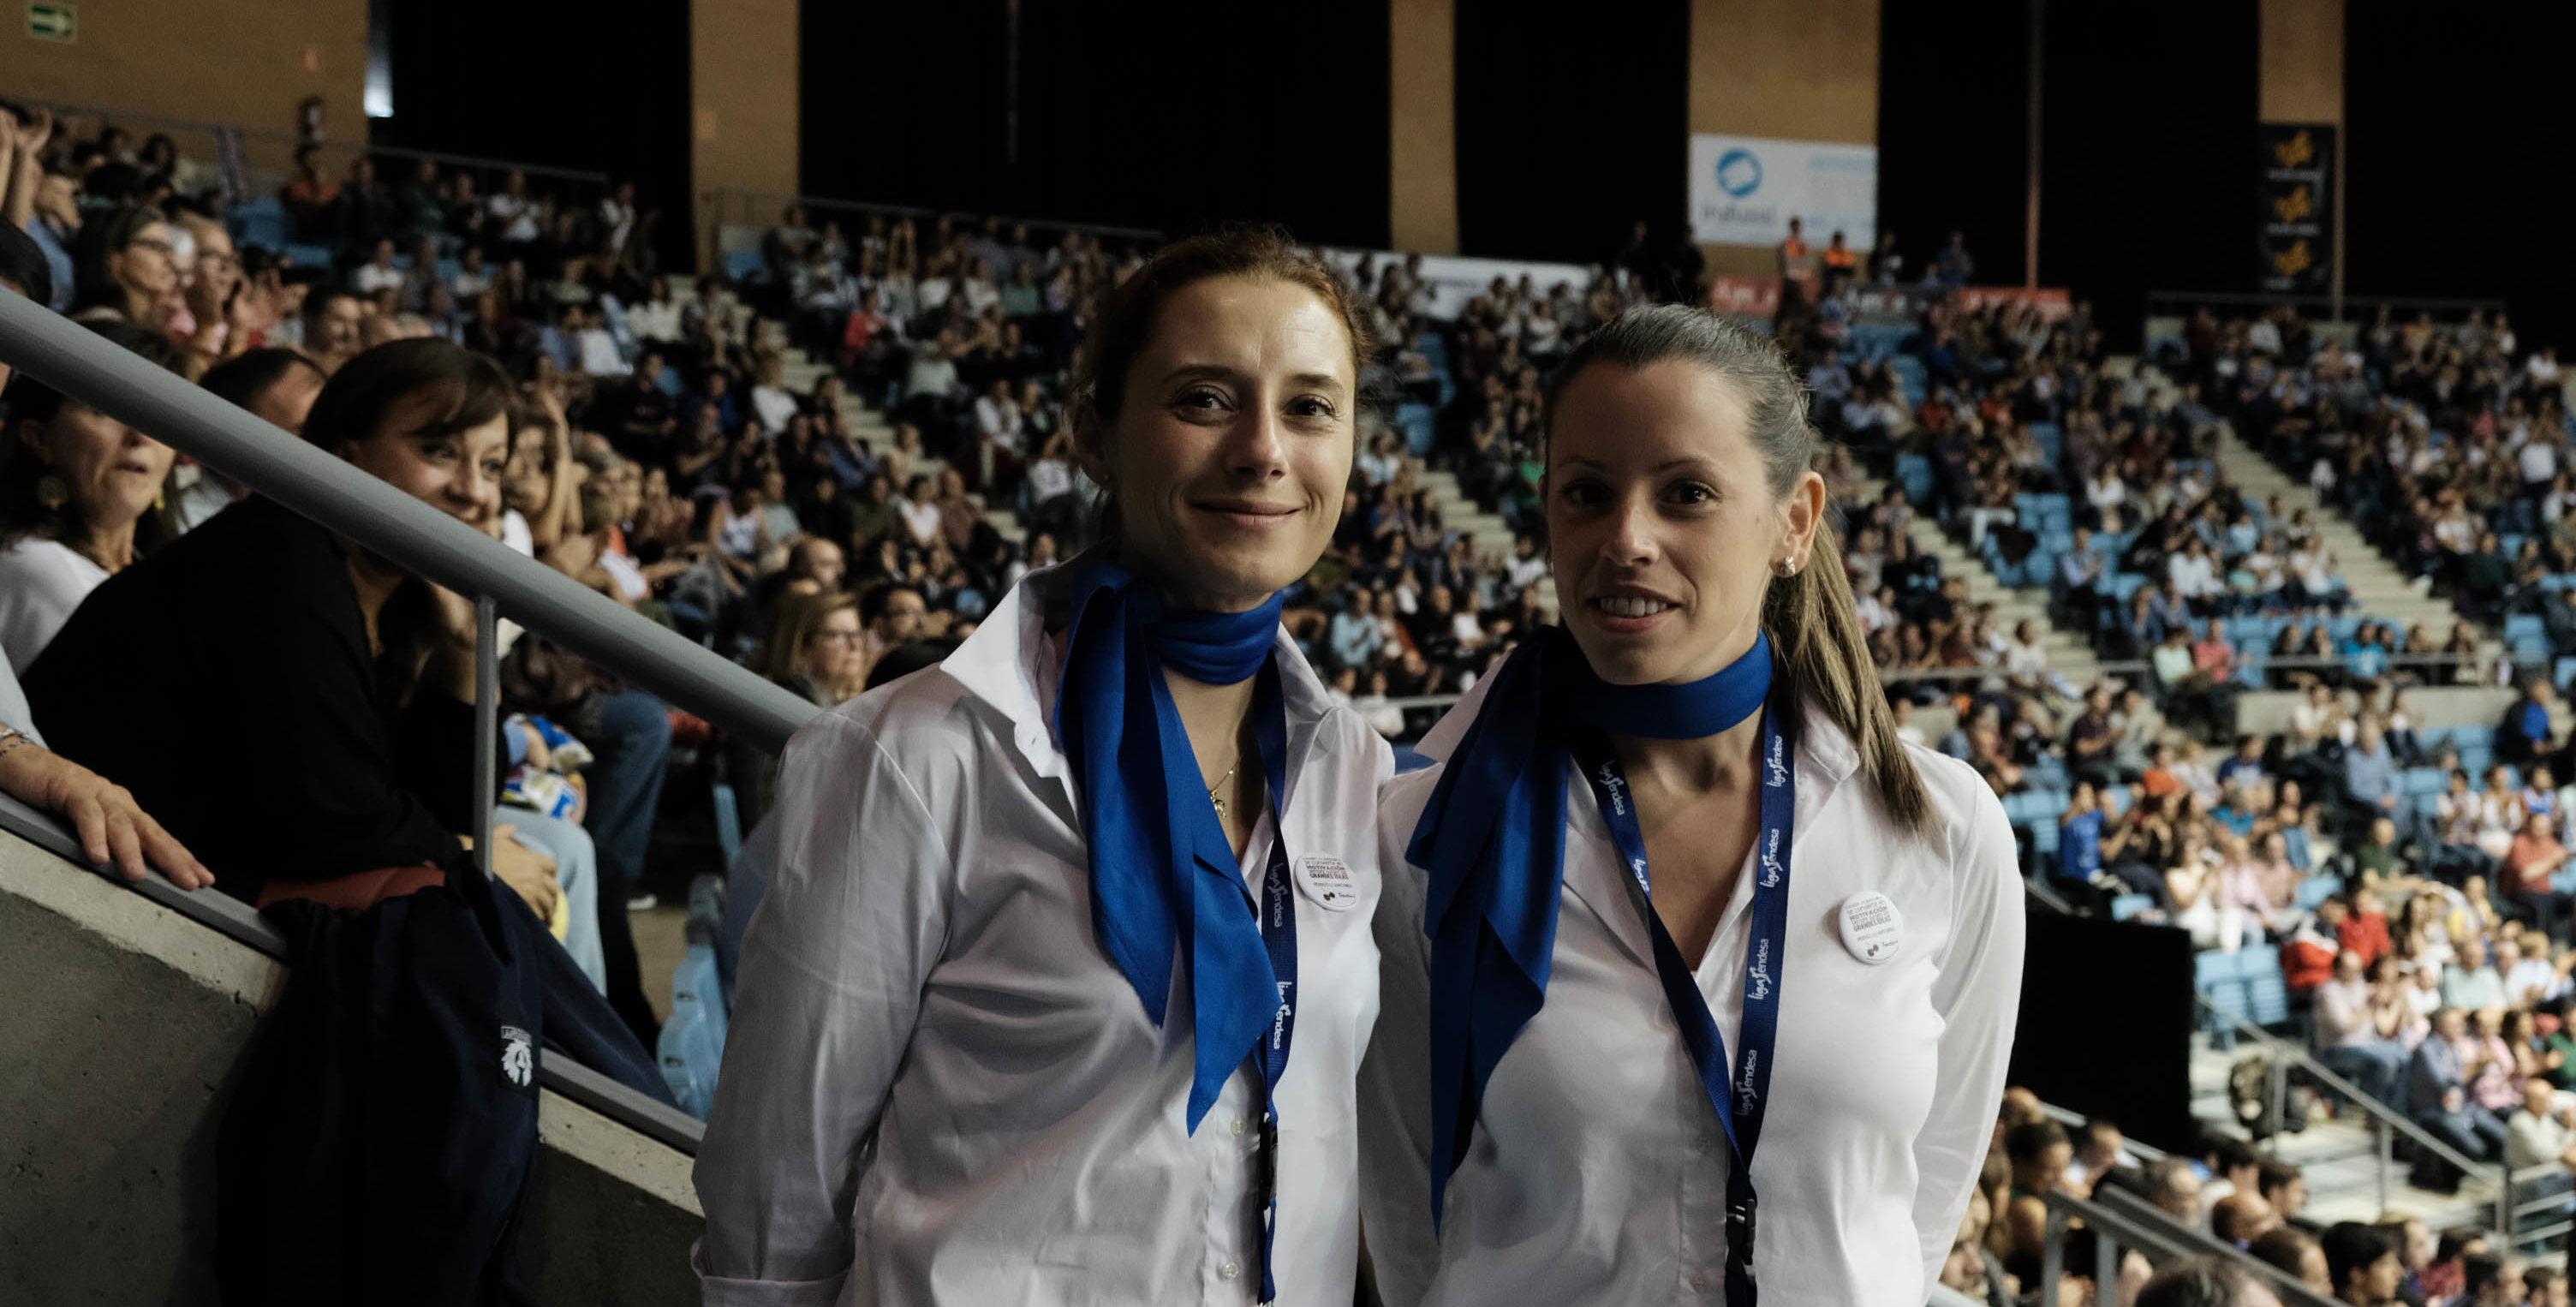 Azafatas de Trevisani en un partido del Obradoiro en Sar. Fotógrafo Xaime Cortizo